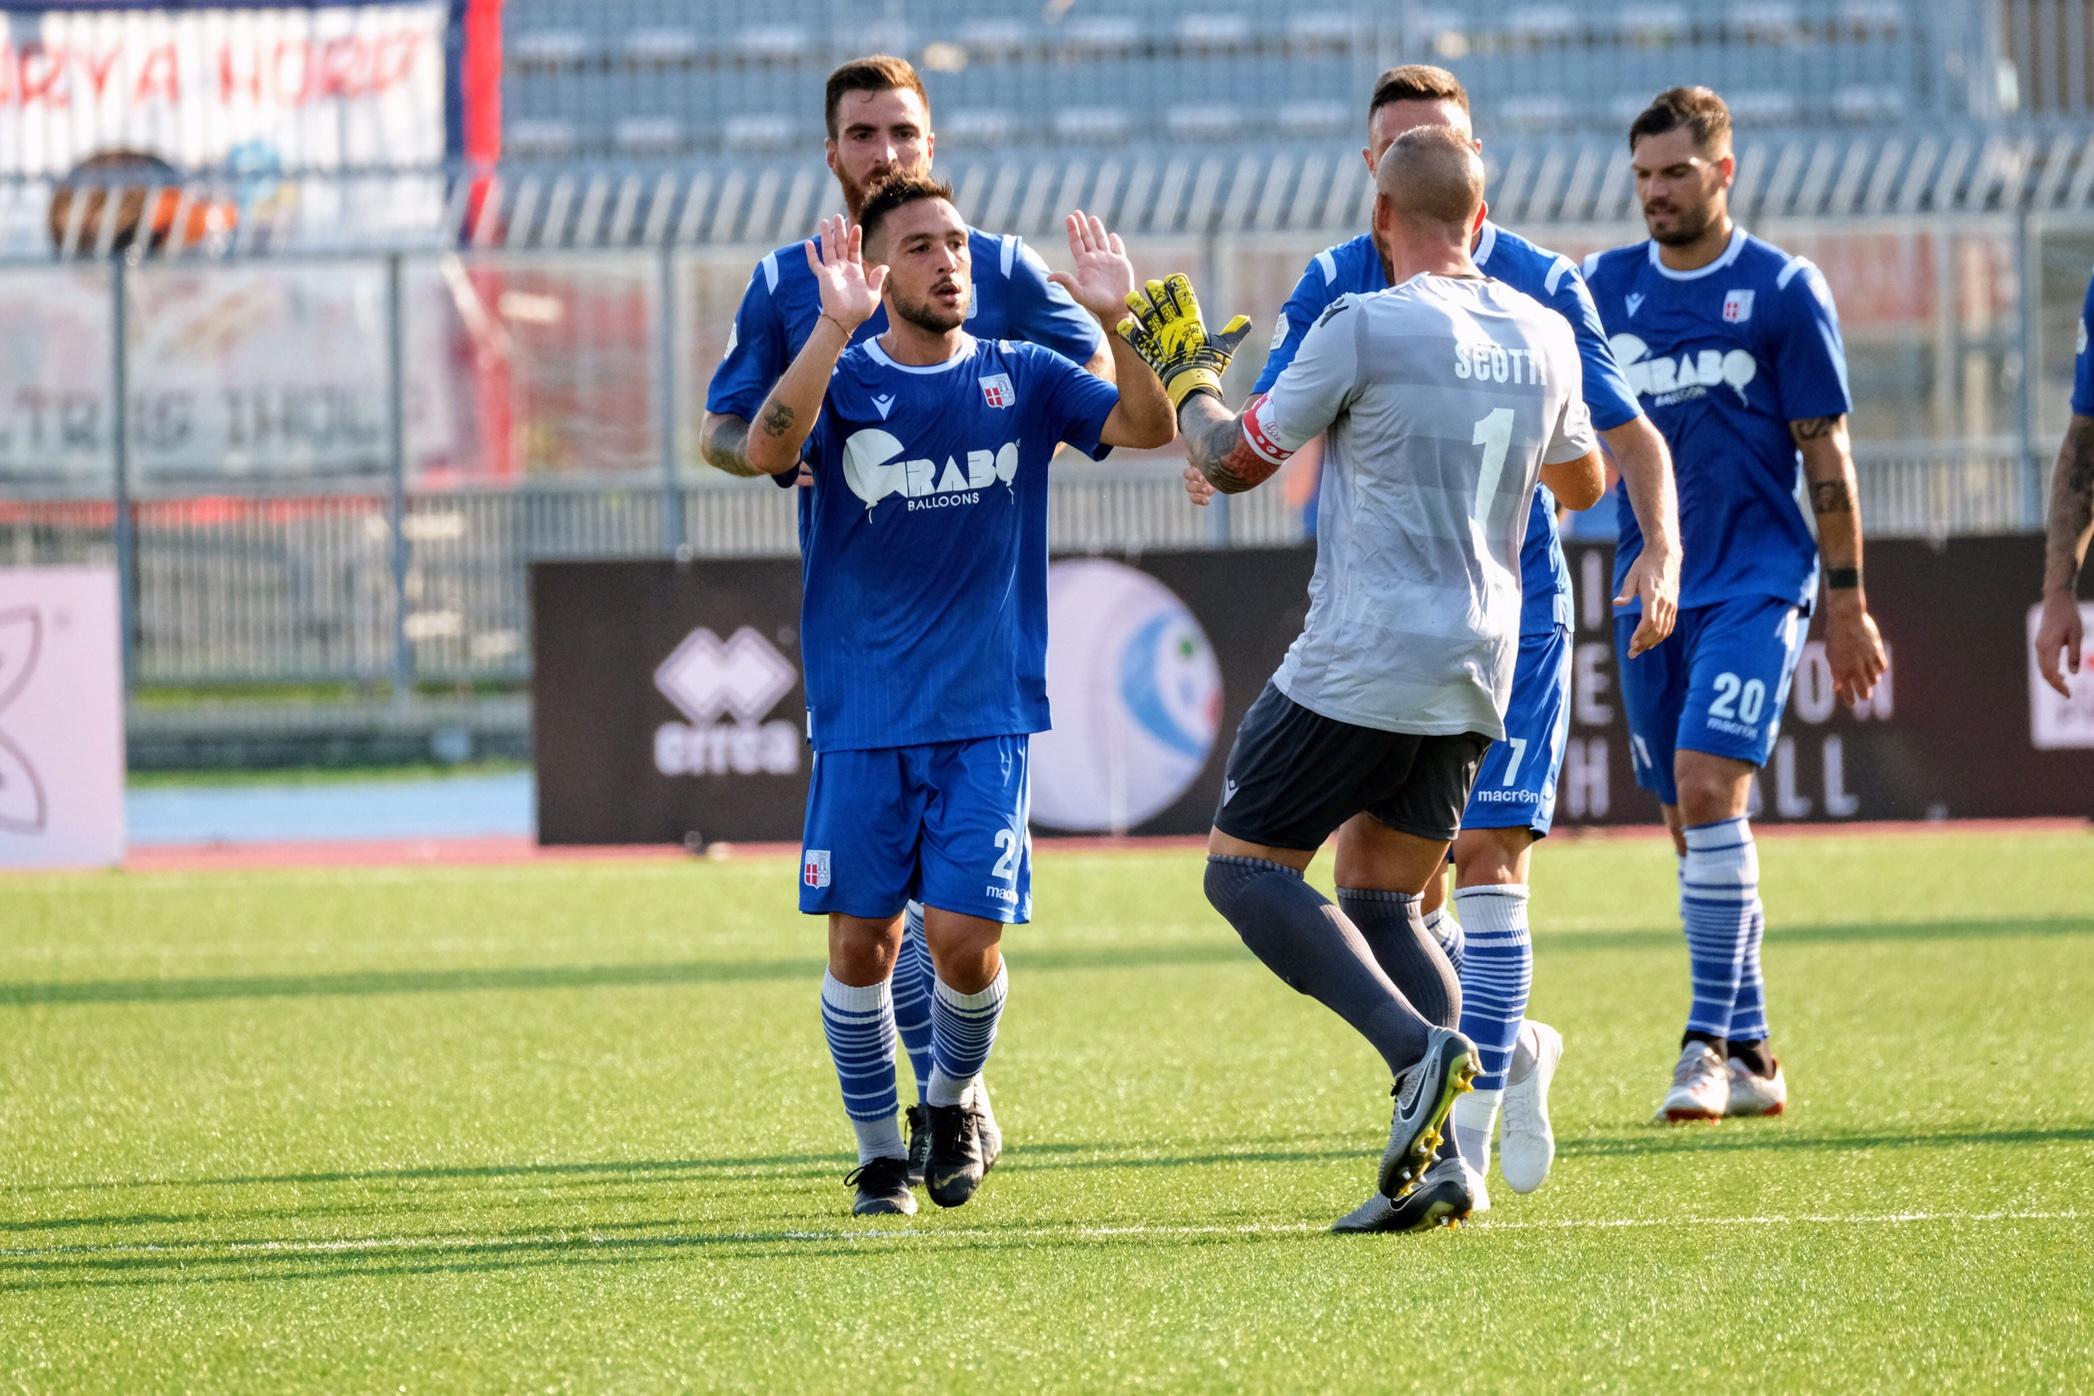 Calcio serie C, sabato si chiude la campagna abbonamenti del Rimini